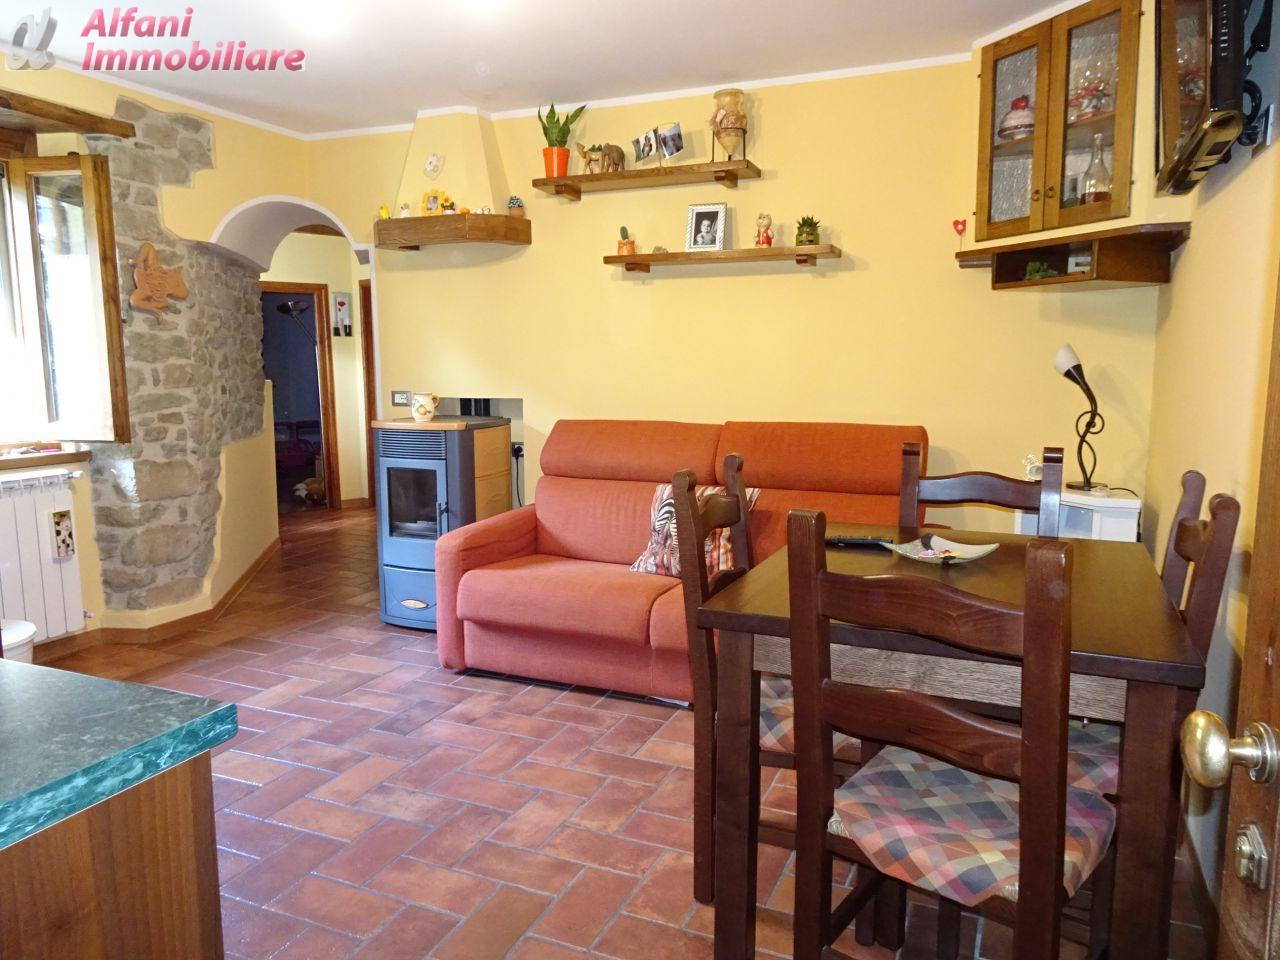 Appartamento in vendita a Montemignaio, 3 locali, prezzo € 85.000   CambioCasa.it